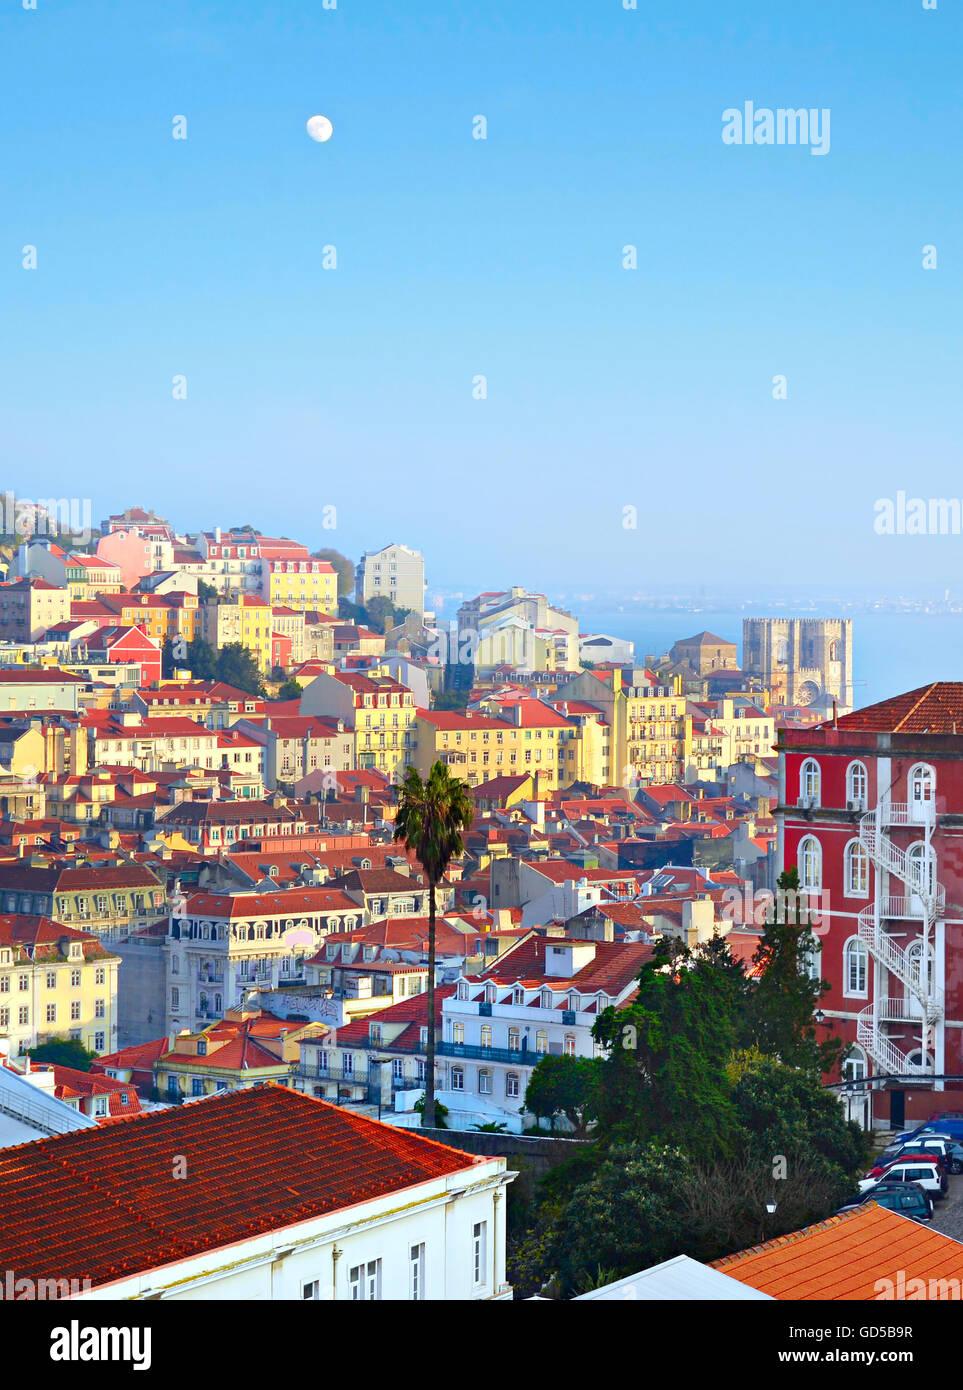 Architettura della Città Vecchia di Lisbona al tramonto. Portogallo Immagini Stock